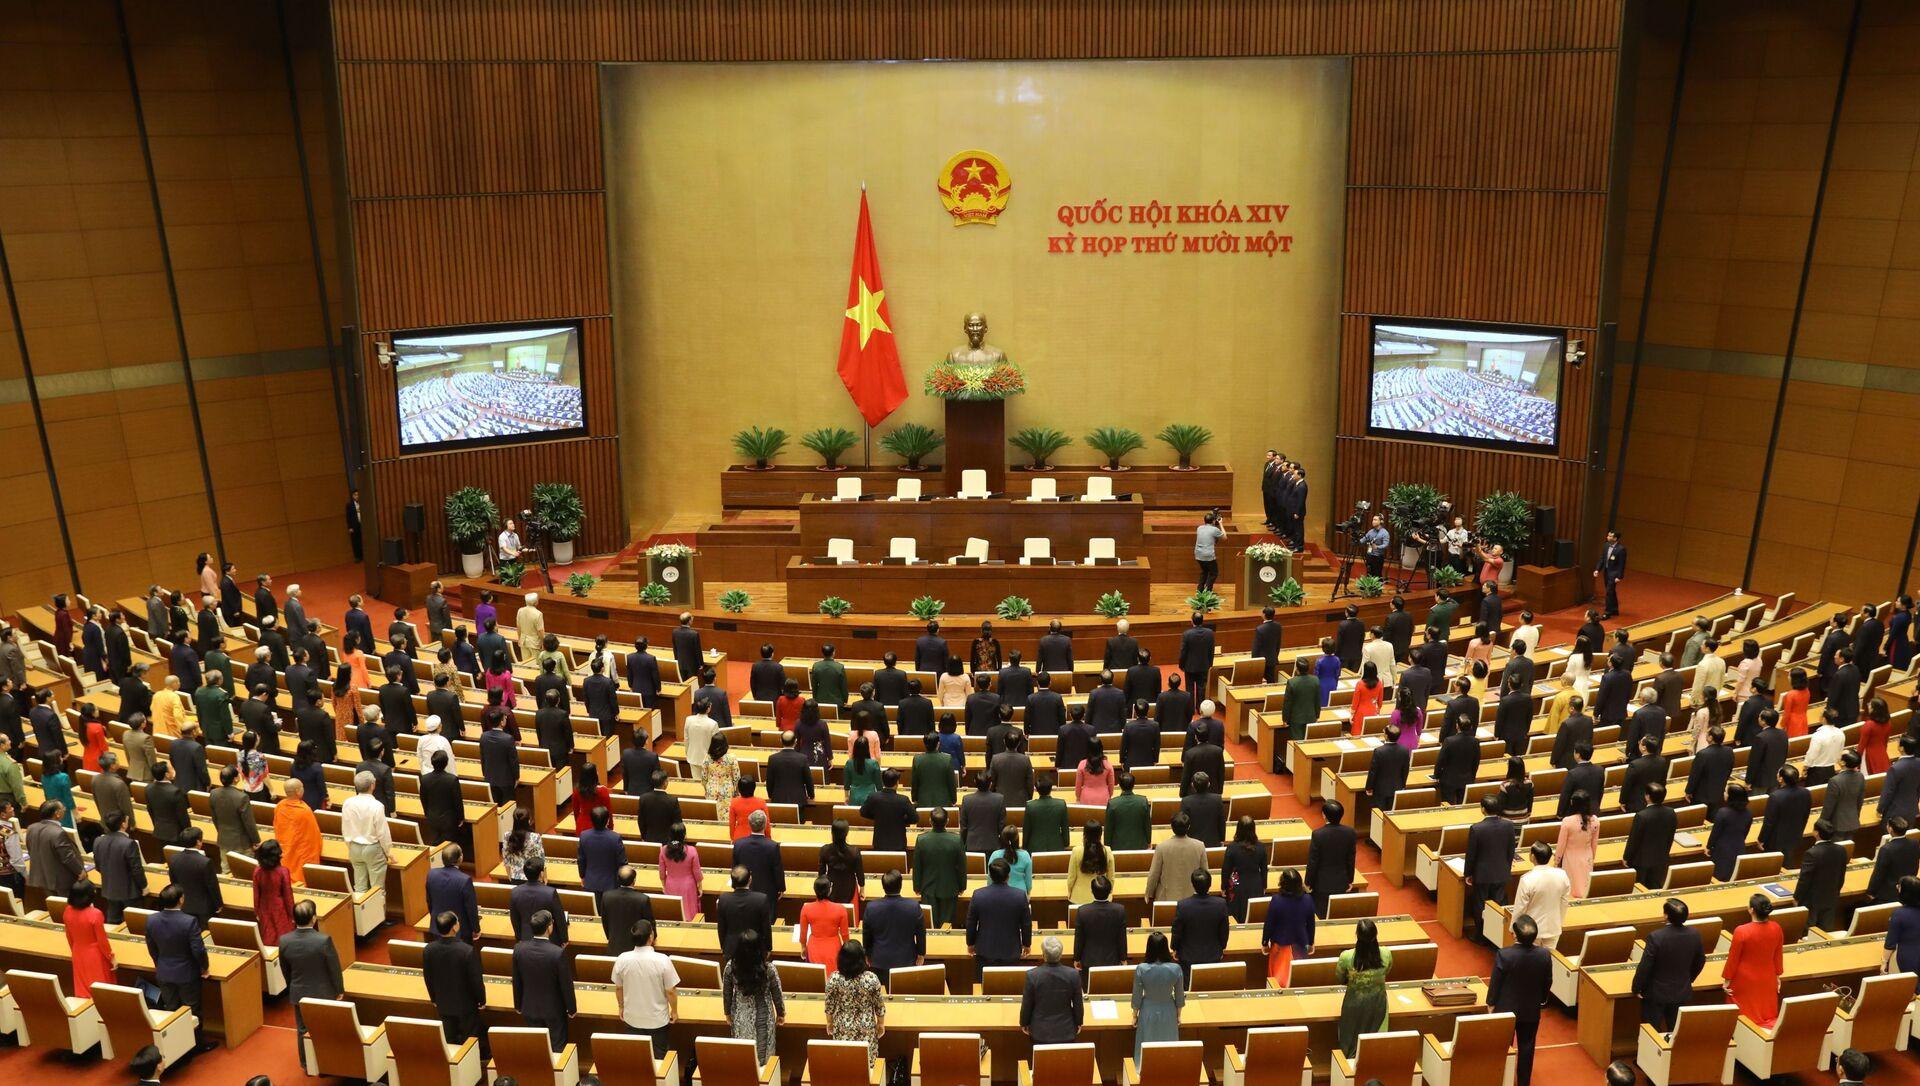 Toàn cảnh lễ chào cờ bế mạc Kỳ họp thứ 11, Quốc hội khóa XIV.  - Sputnik Việt Nam, 1920, 13.04.2021